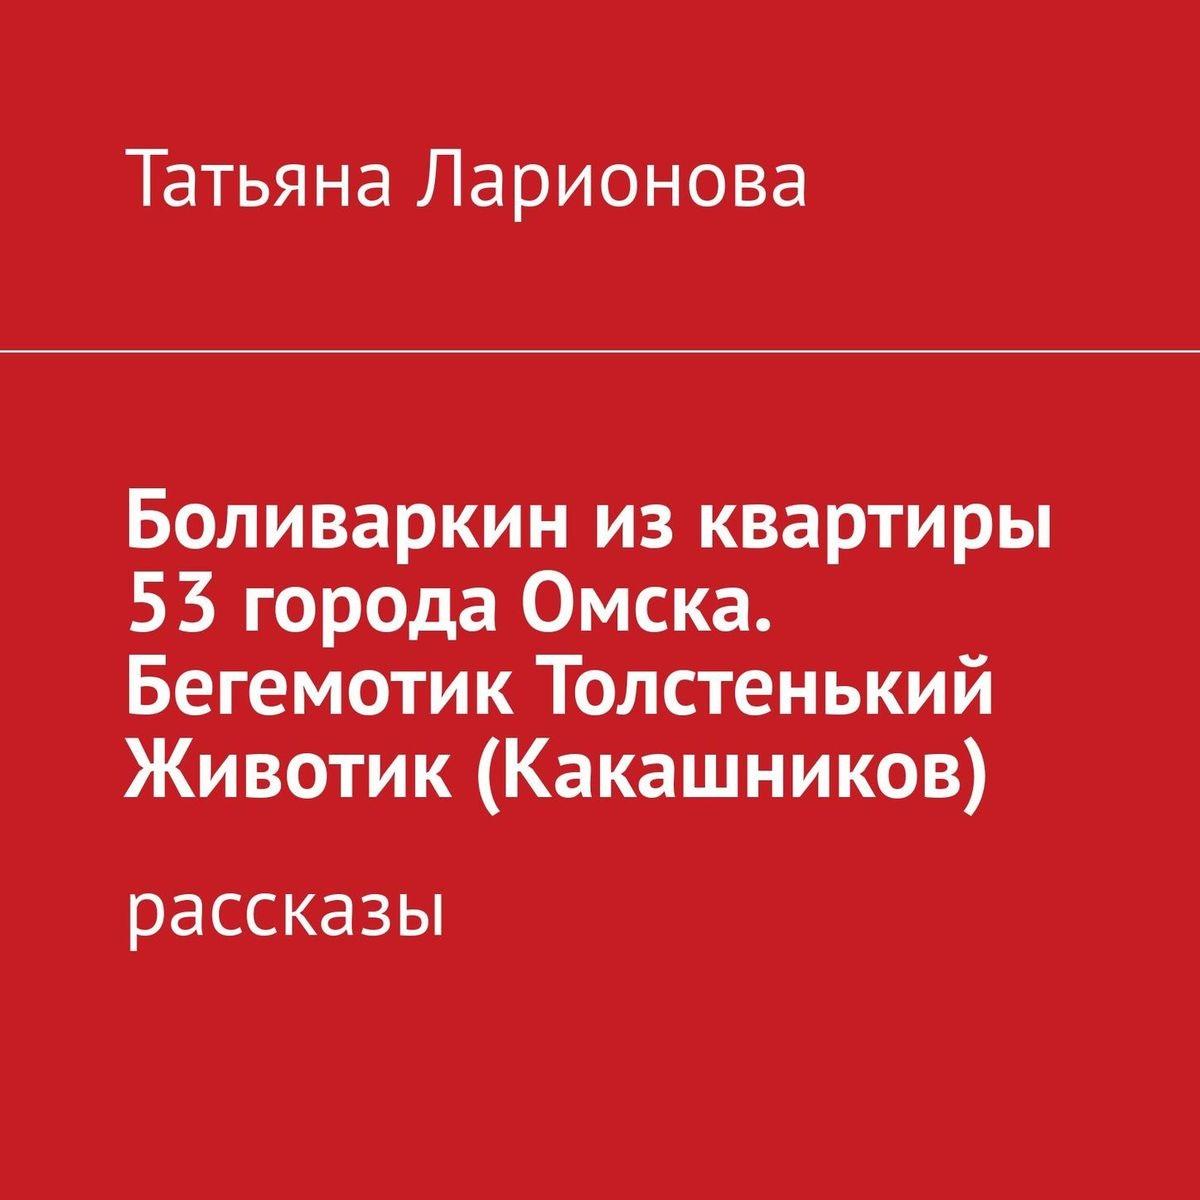 Боливаркин изквартиры 53города Омска. Рассказы прокота